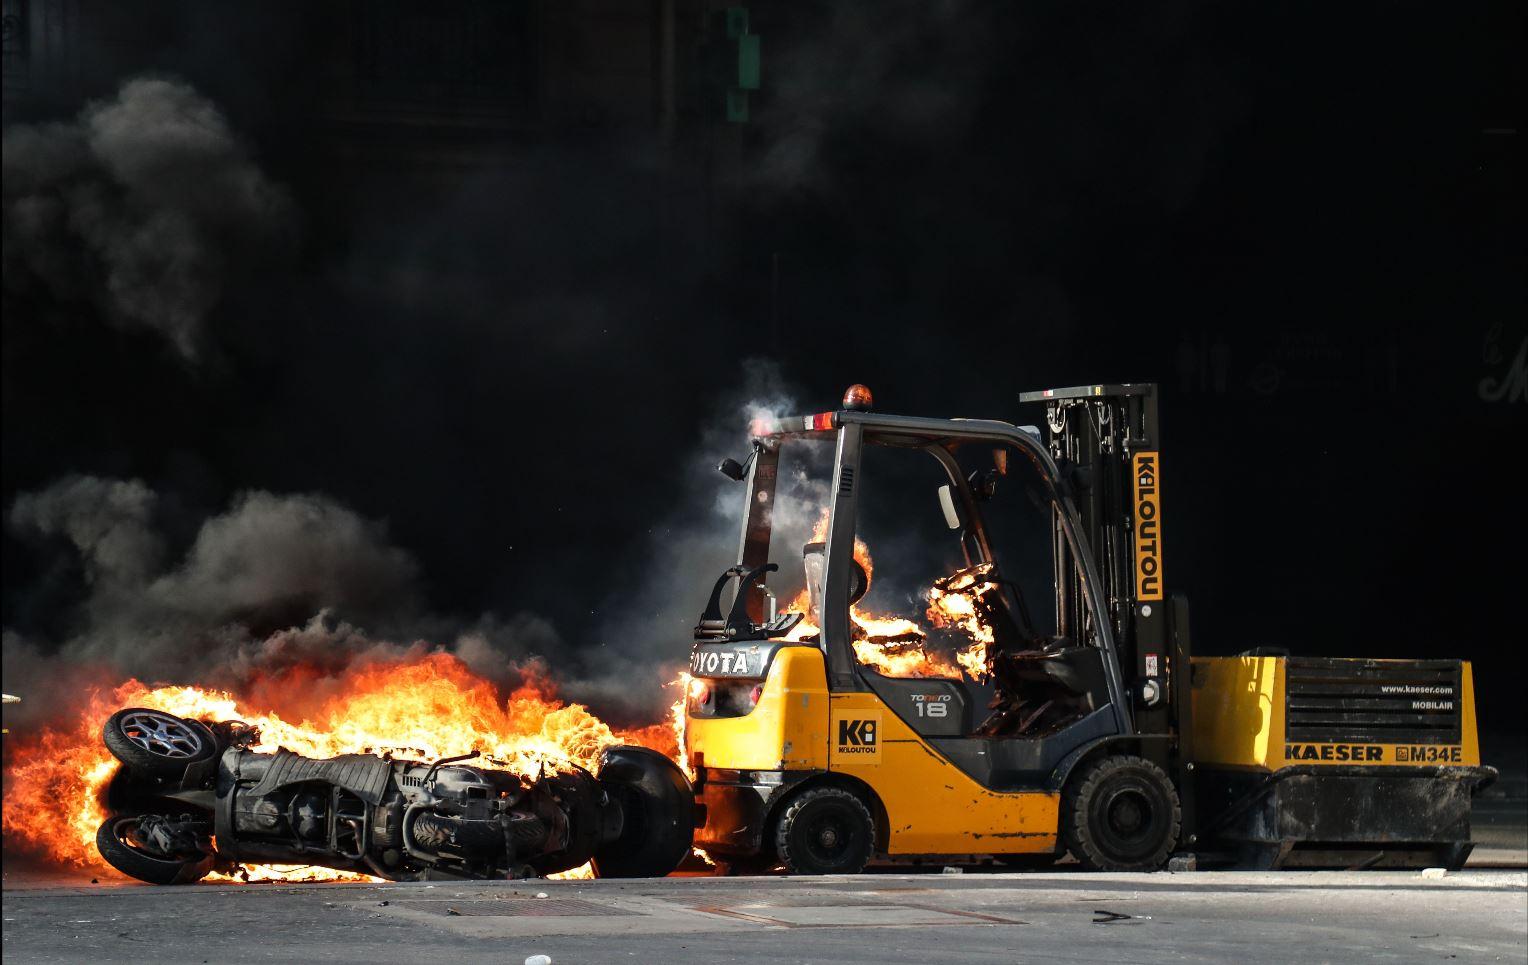 Una motocicleta y una carretilla elevadora incendiadas se muestran en la avenida Champs-Elysees en París, este 16 de marzo de 2019, durante  enfrentamientos entre las fuerzas de la policía antidisturbios y los manifestantes del chaleco amarillo. (Foto: AFP)